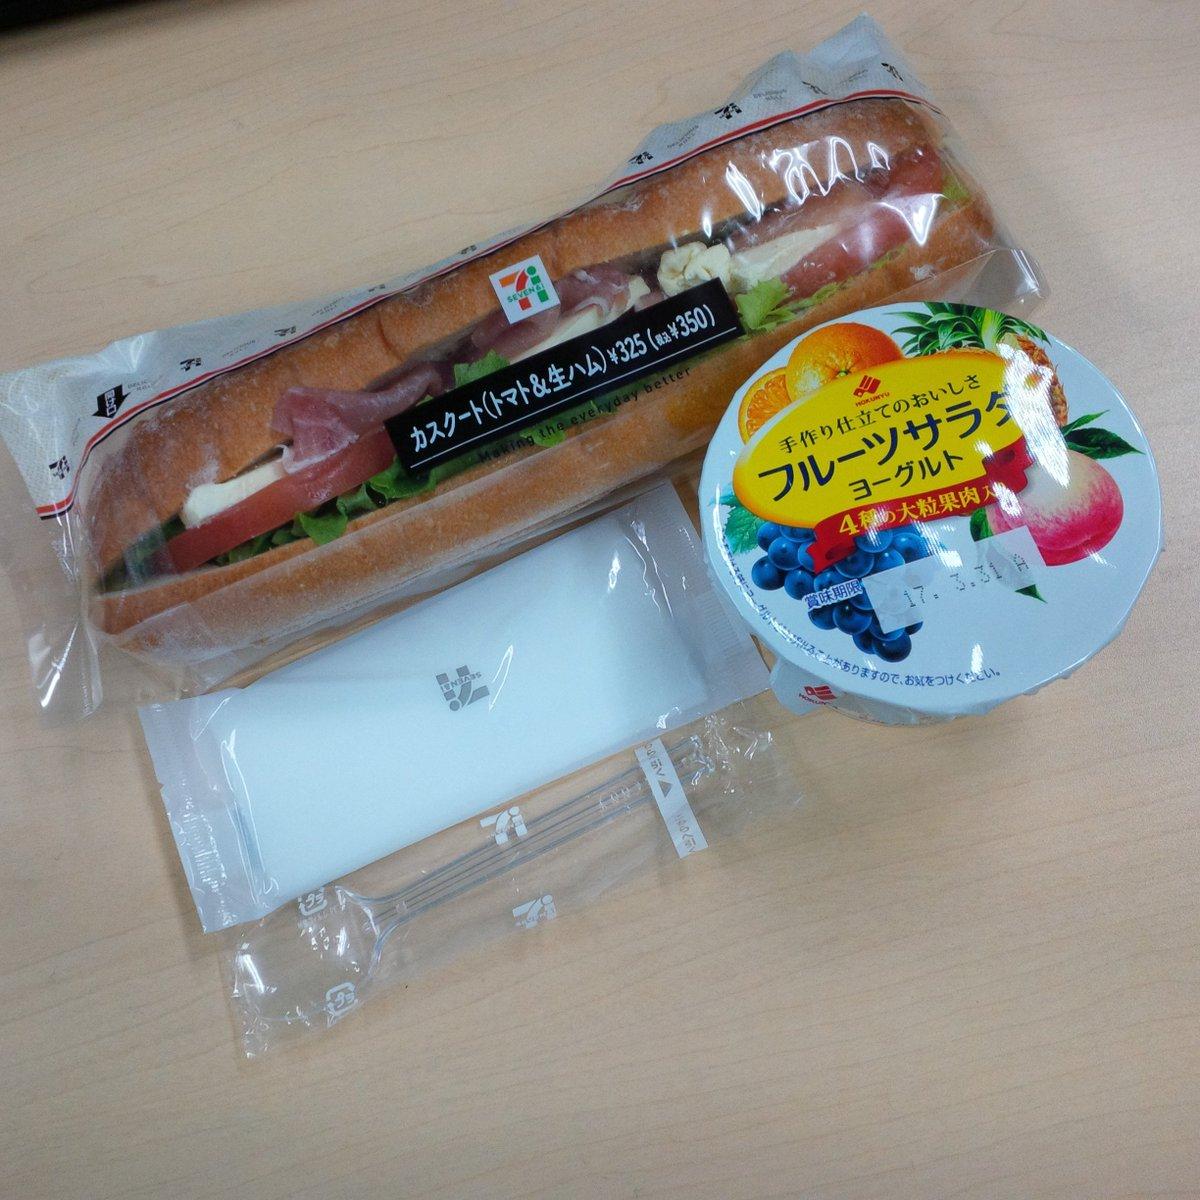 Ce midi, j&#39;ai acheté un #sandwich &amp; un #yaourt pour le #déjeuner. #shibuya<br>http://pic.twitter.com/bLfR2ZG5zb